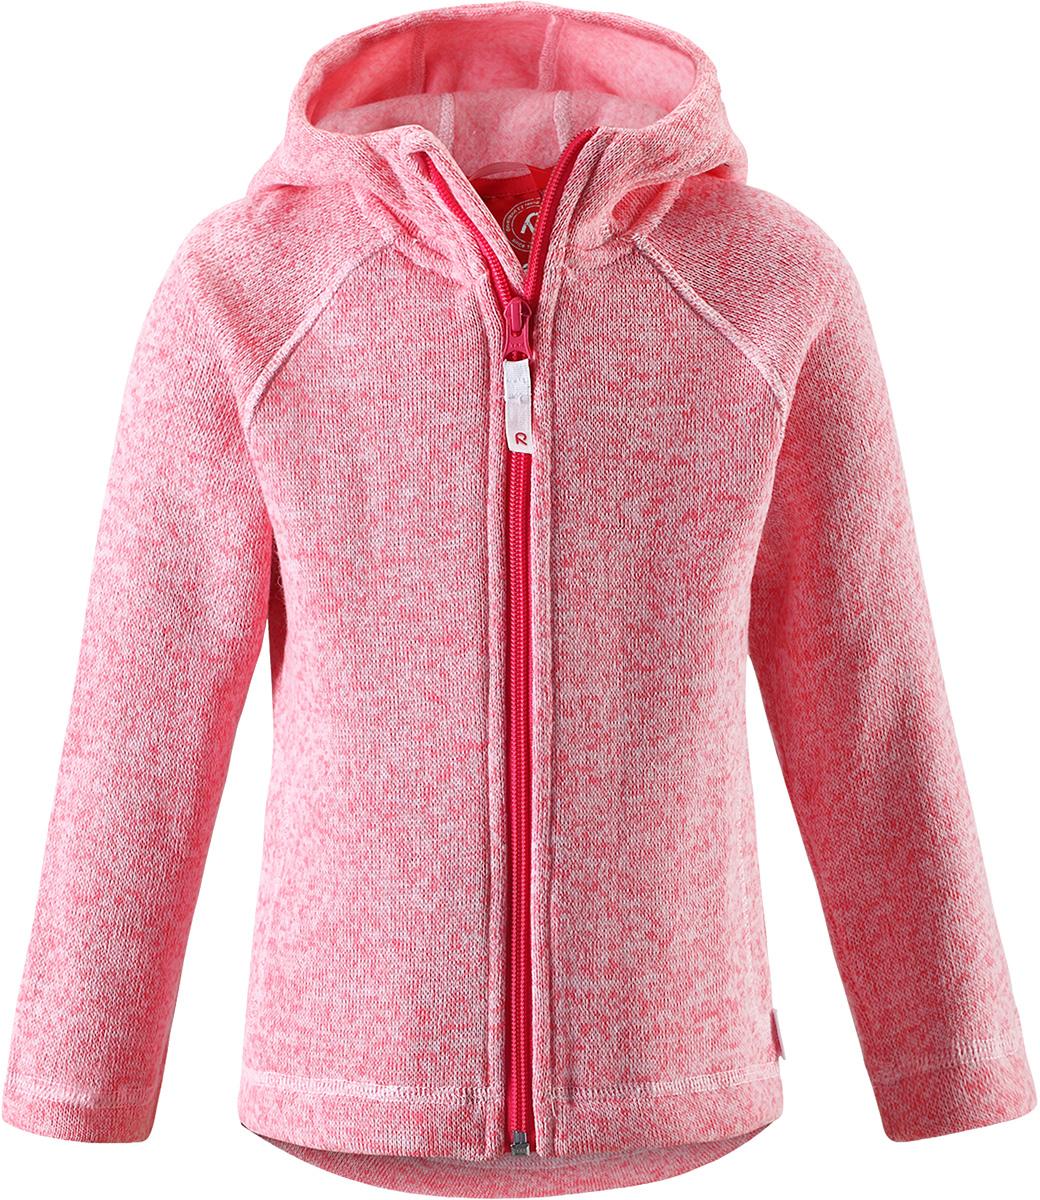 Толстовка флисовая детская Reima Pursi, цвет: розовый. 5262513360. Размер 985262513360Детская флисовая толстовка Reima с капюшоном отличный вариант на прохладный день. Можно использовать как верхнюю одежду в сухую погоду весной и осенью или надевать в качестве промежуточного слоя в холода. Обратите внимание на удобную систему кнопок Play Layers, с помощью которой легко присоединить эту модель к одежде из серии Reima Play Layers и обеспечить ребенку дополнительное тепло и комфорт. Высококачественный флис - это теплый, легкий и быстросохнущий материал, он идеально подходит для активных прогулок. Удлиненная спинка обеспечивает дополнительную защиту для поясницы, а молния во всю длину с защитой для подбородка облегчает надевание.